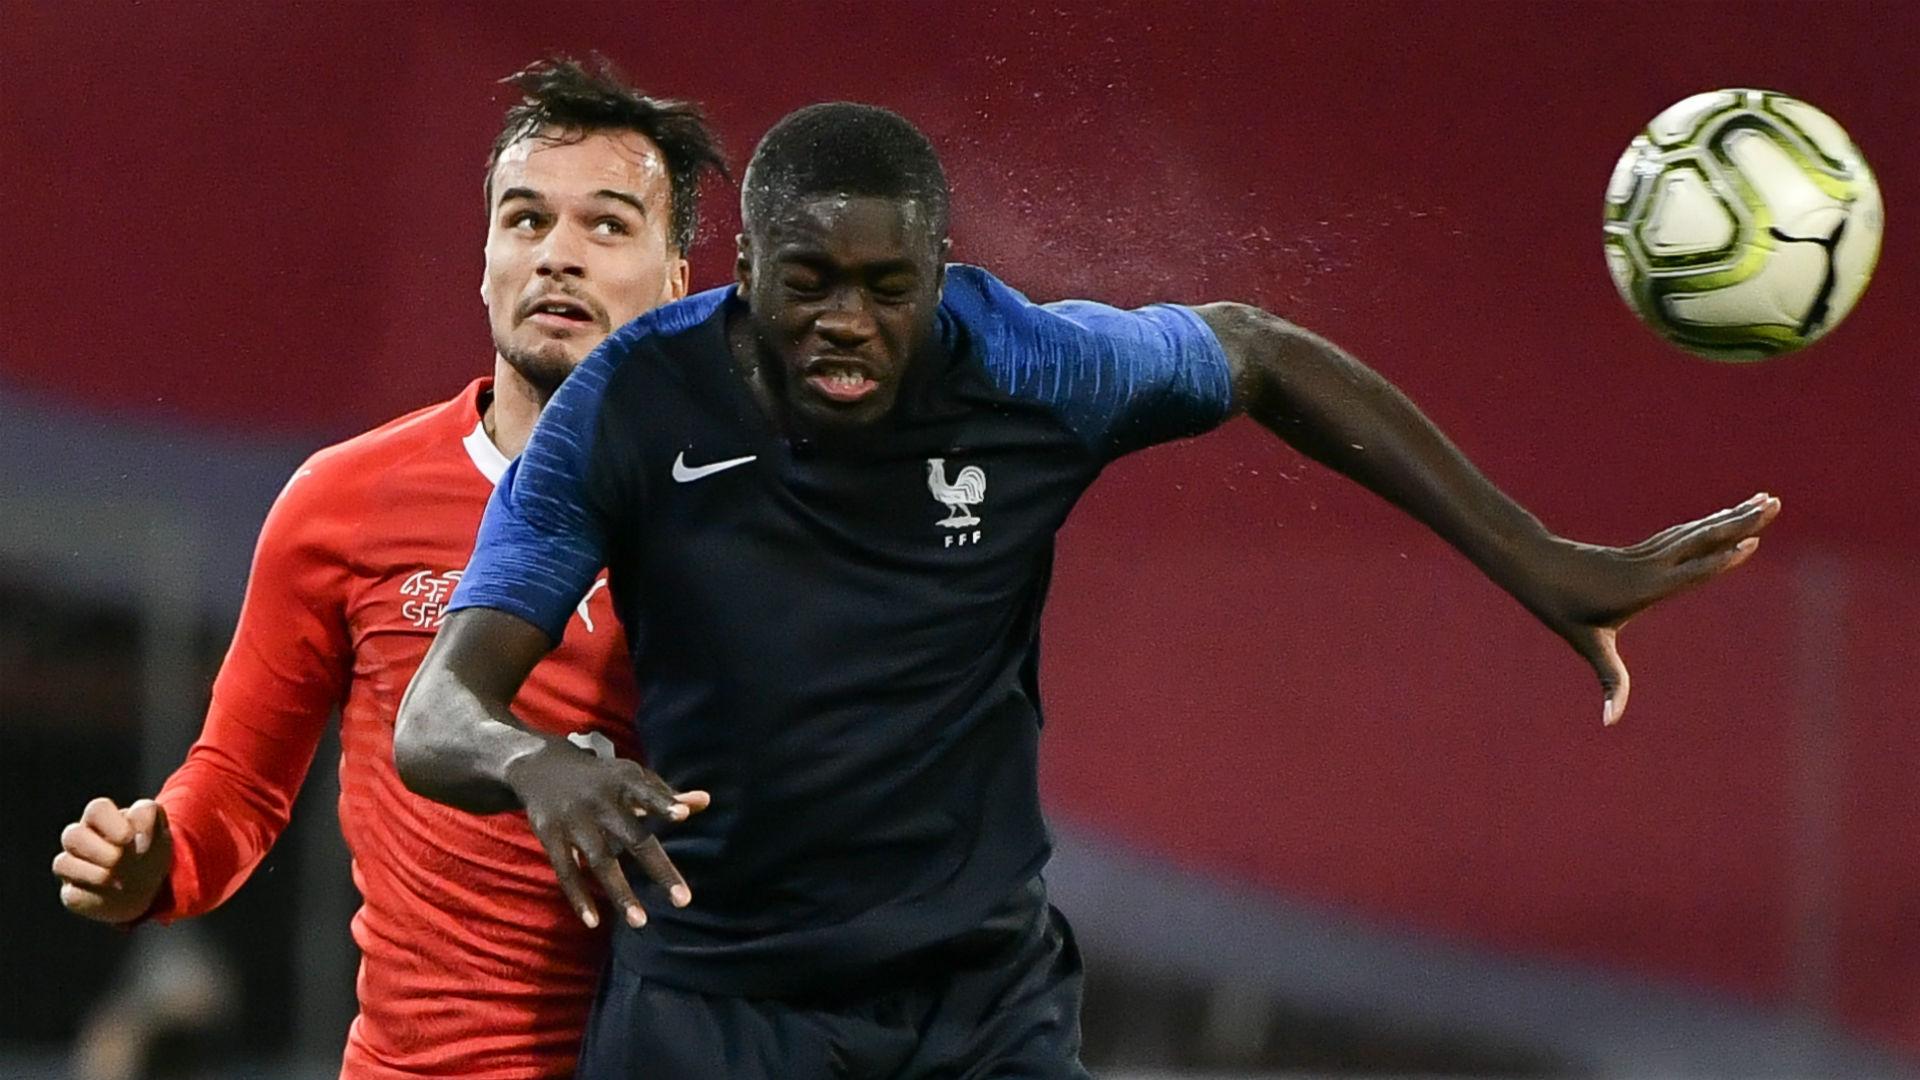 RB Leipzig's Upamecano shines in France debut against Sweden